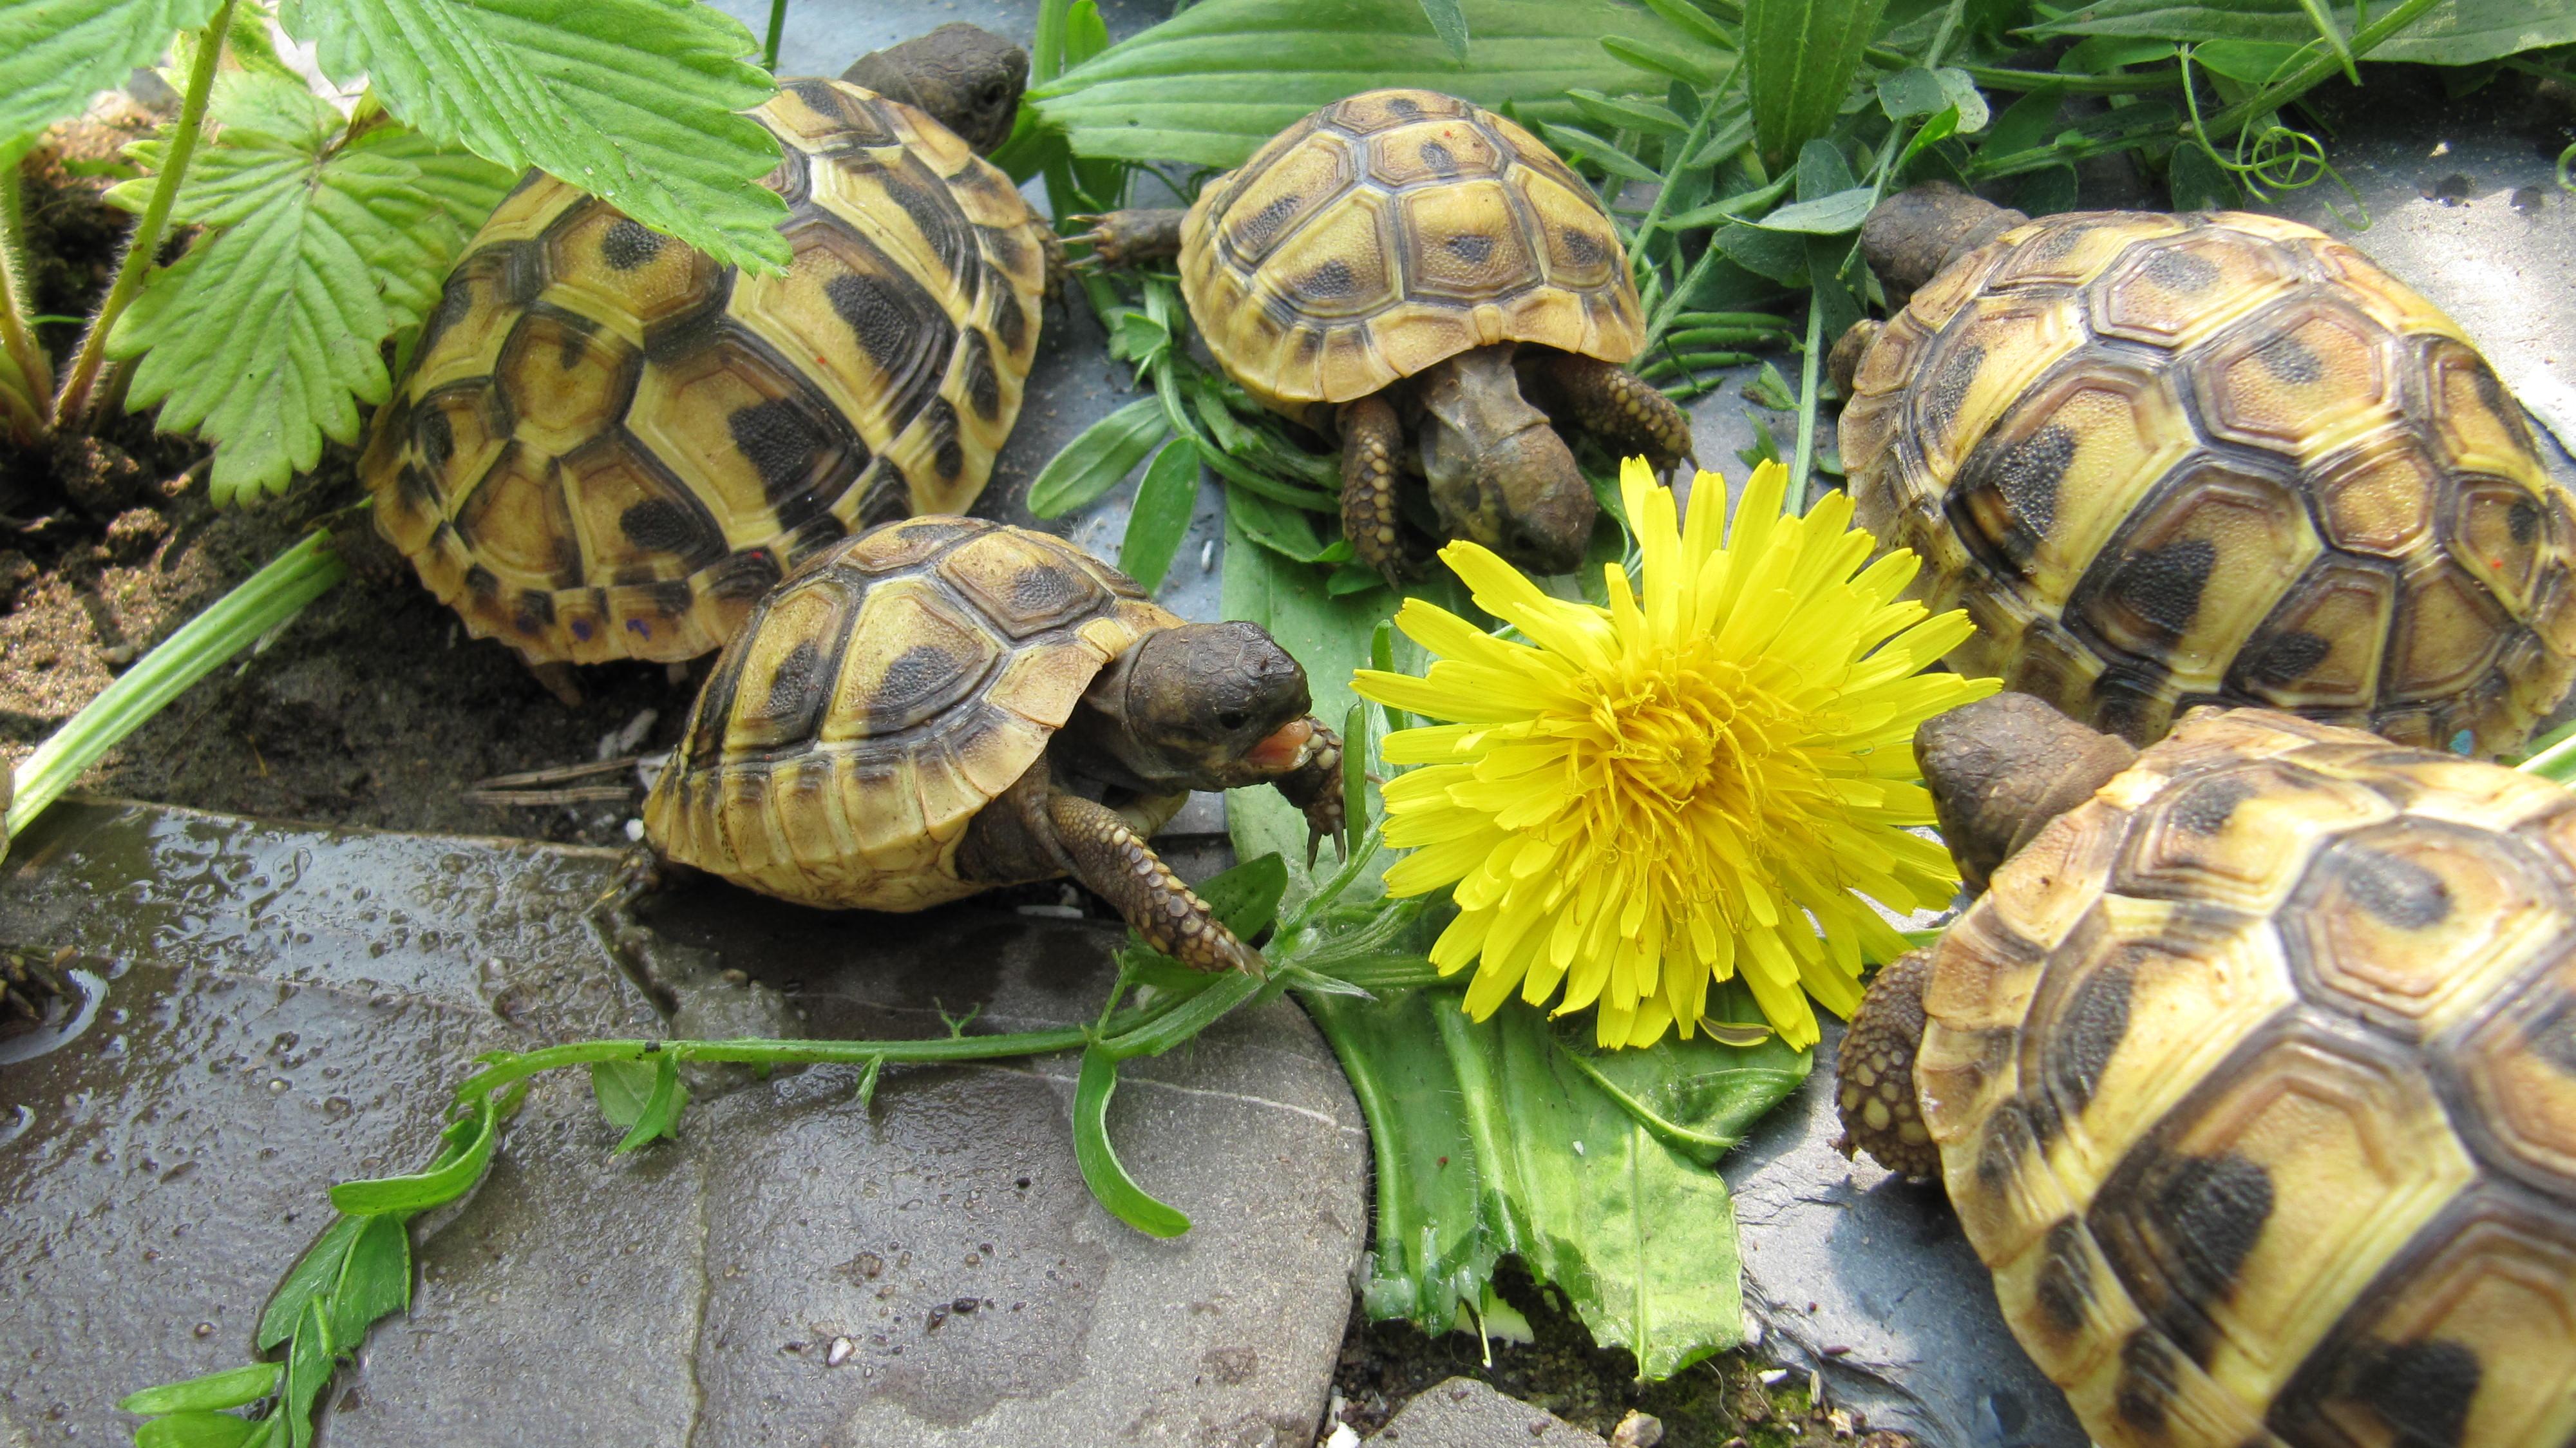 1415 Содержание балканской черепахи в террариуме